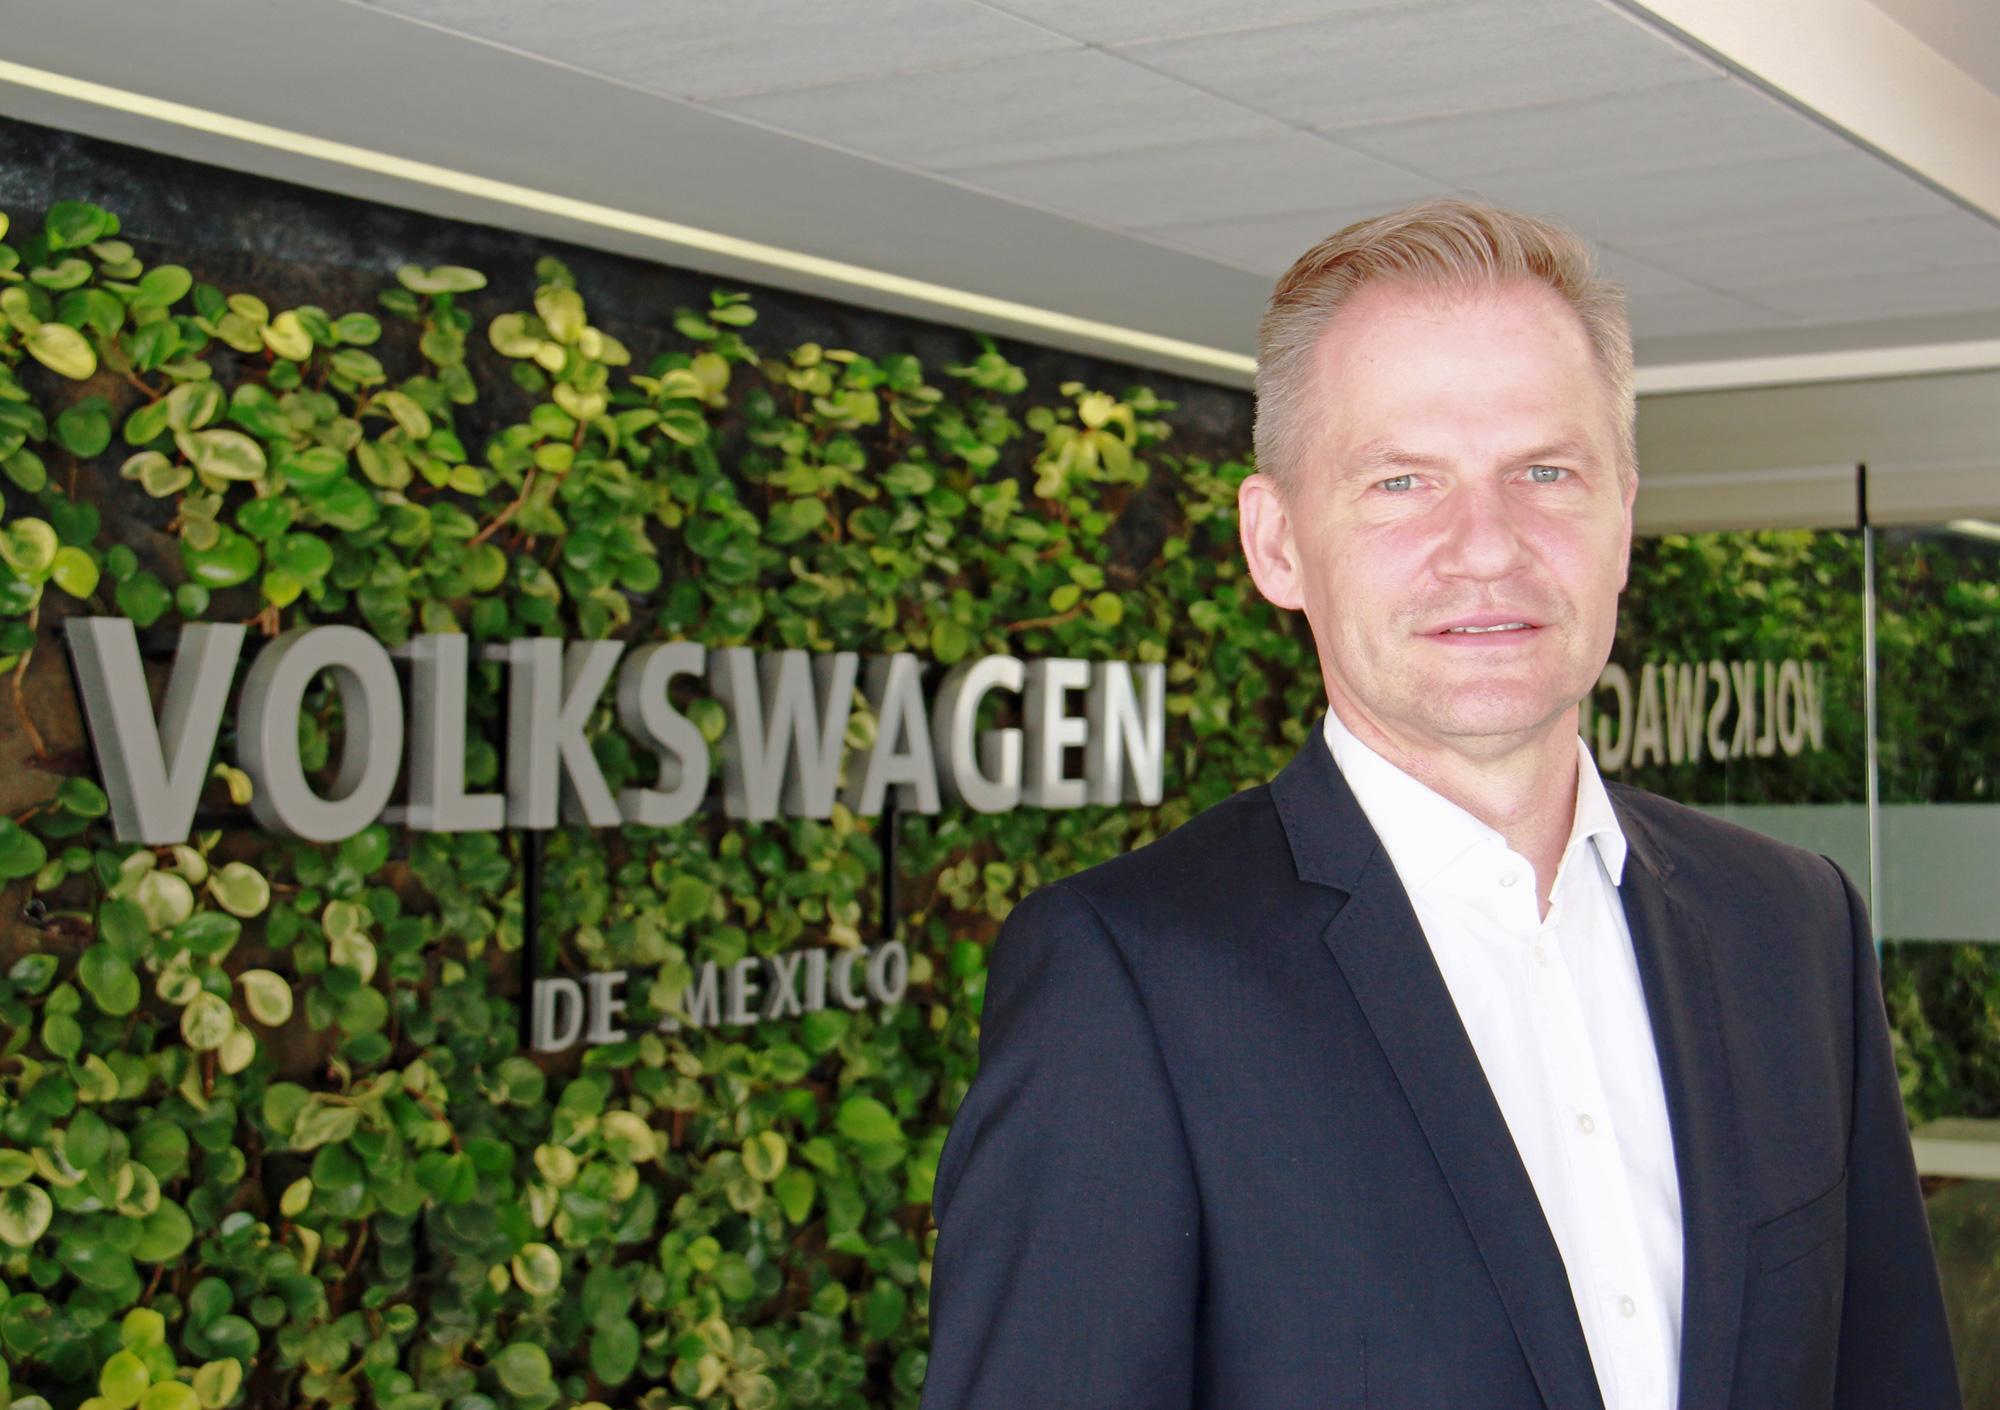 VW México anuncia a Steffen Reiche como nuevo presidente